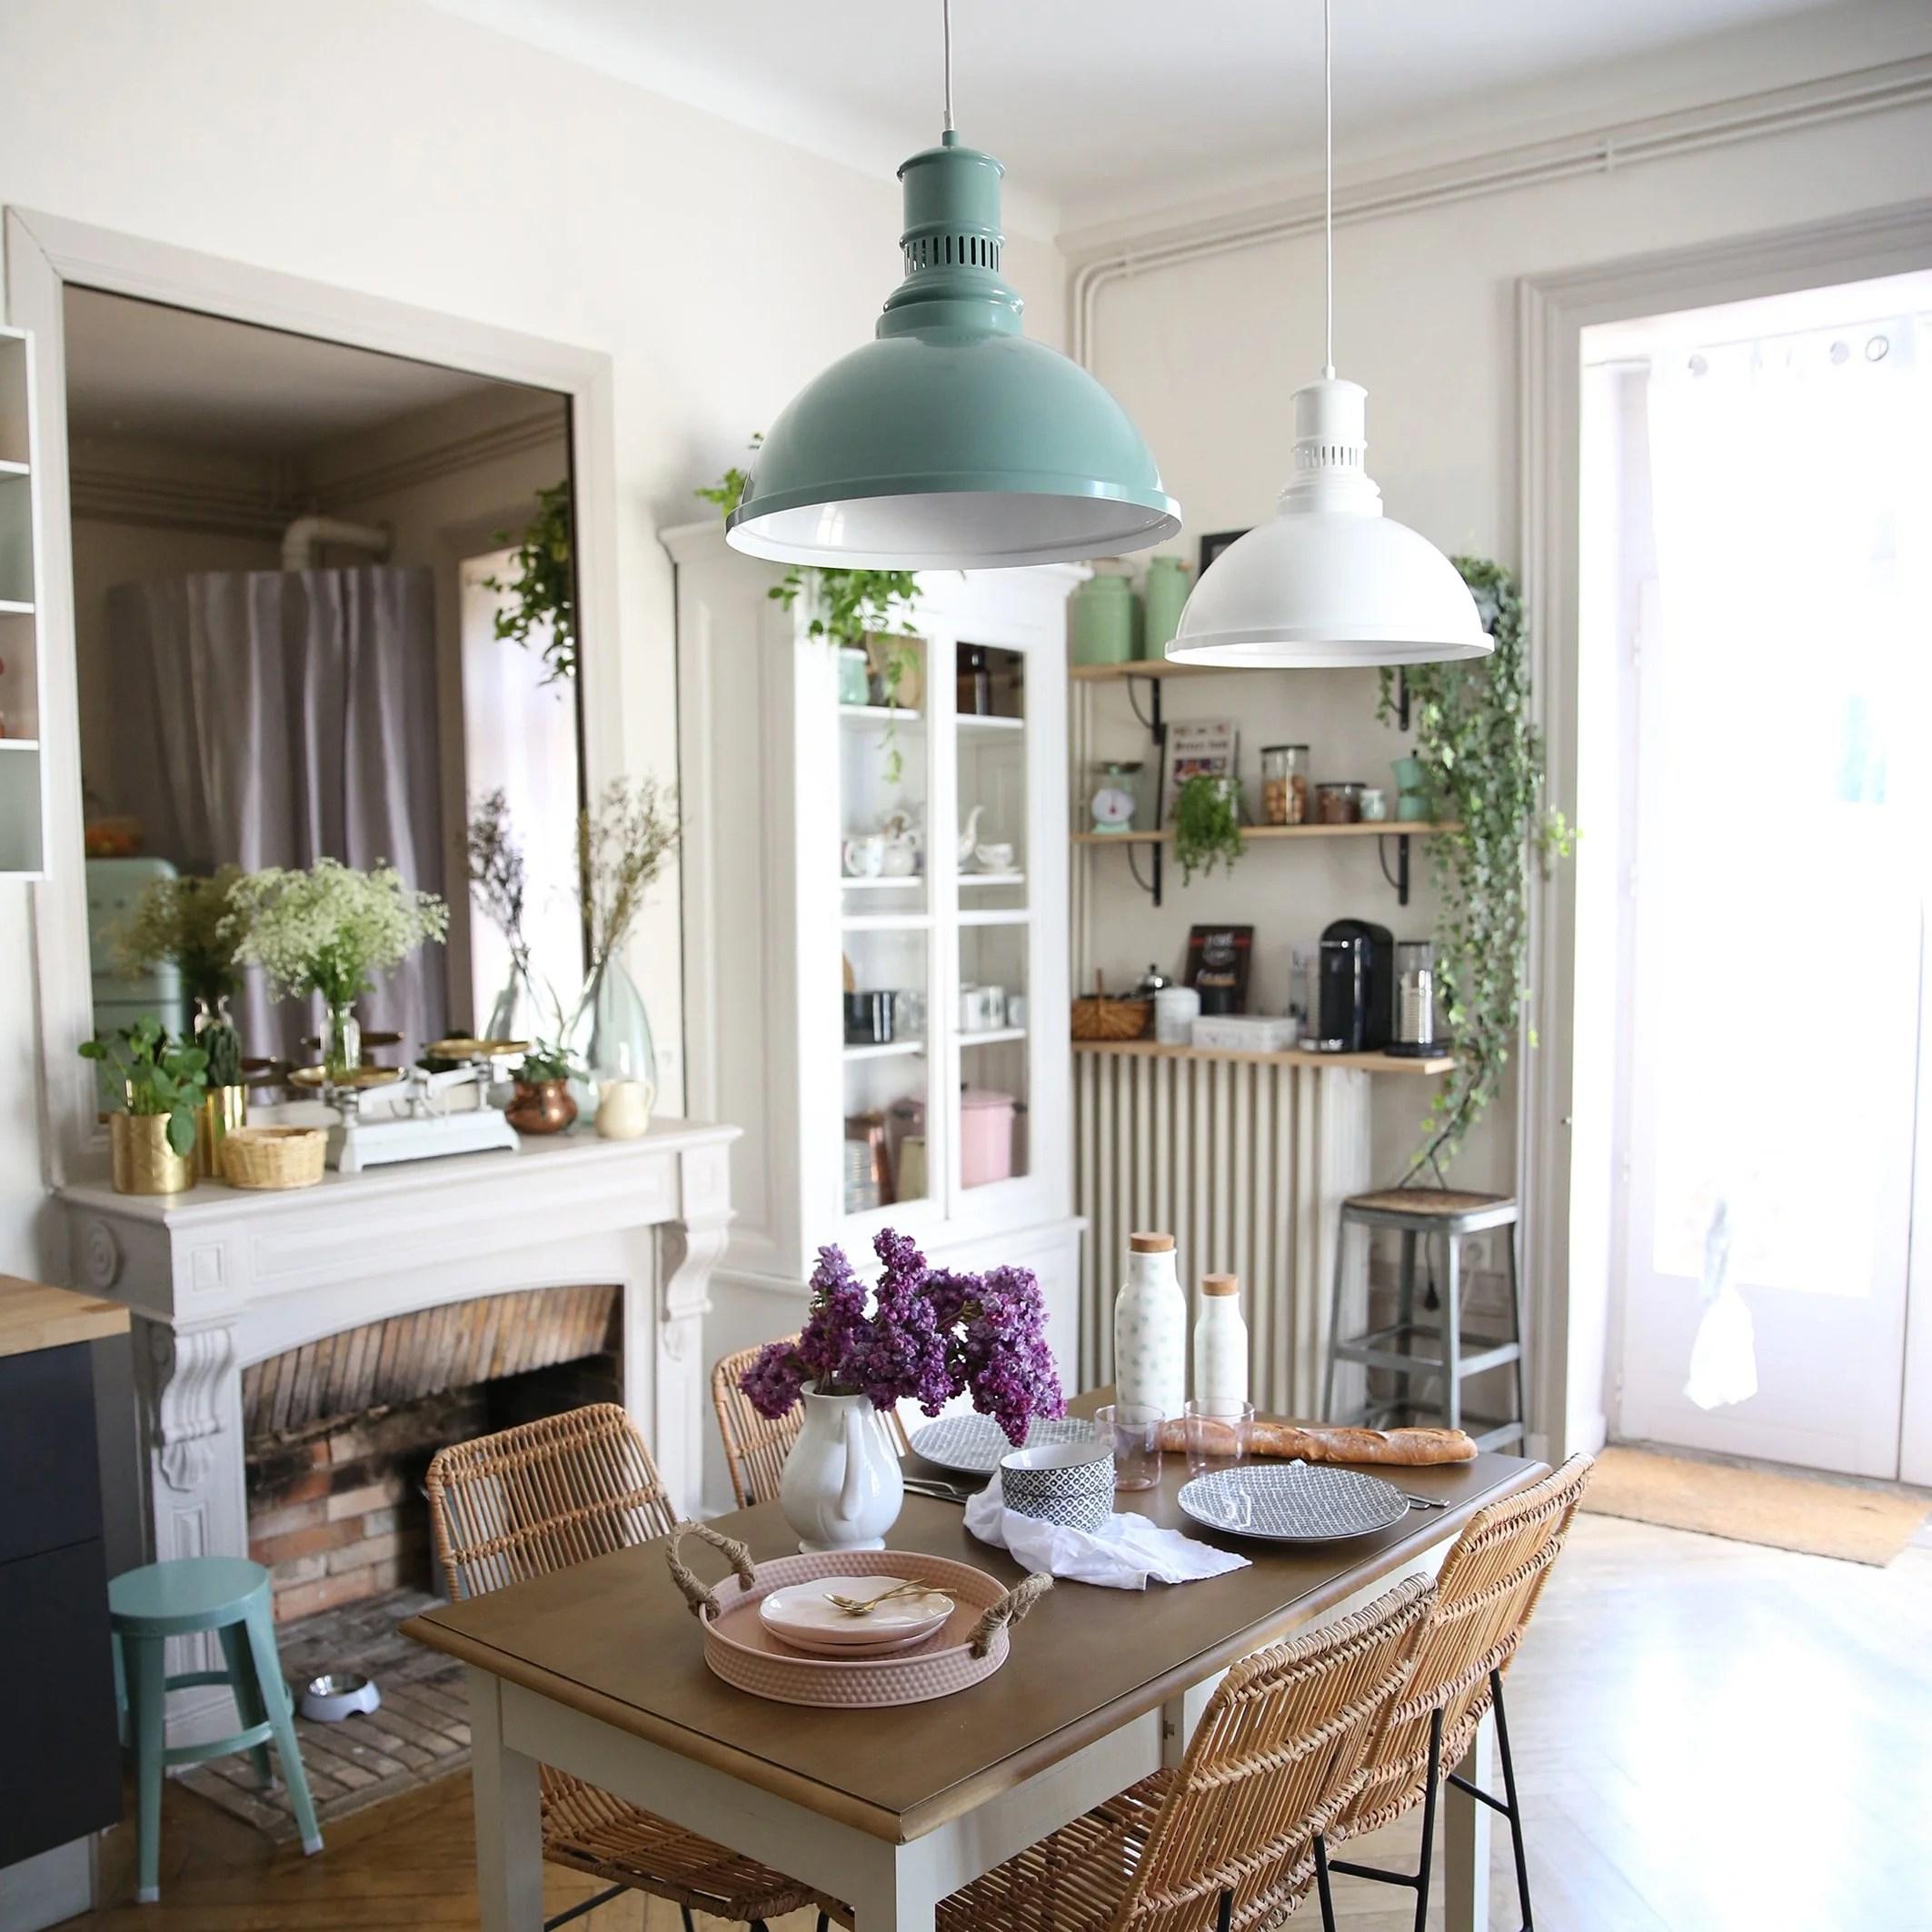 per ogni ambiente della casa troverai il prodotto adatto alle tue esigenze. Come Scegliere L Illuminazione Della Casa Stanza Per Stanza La Redoute